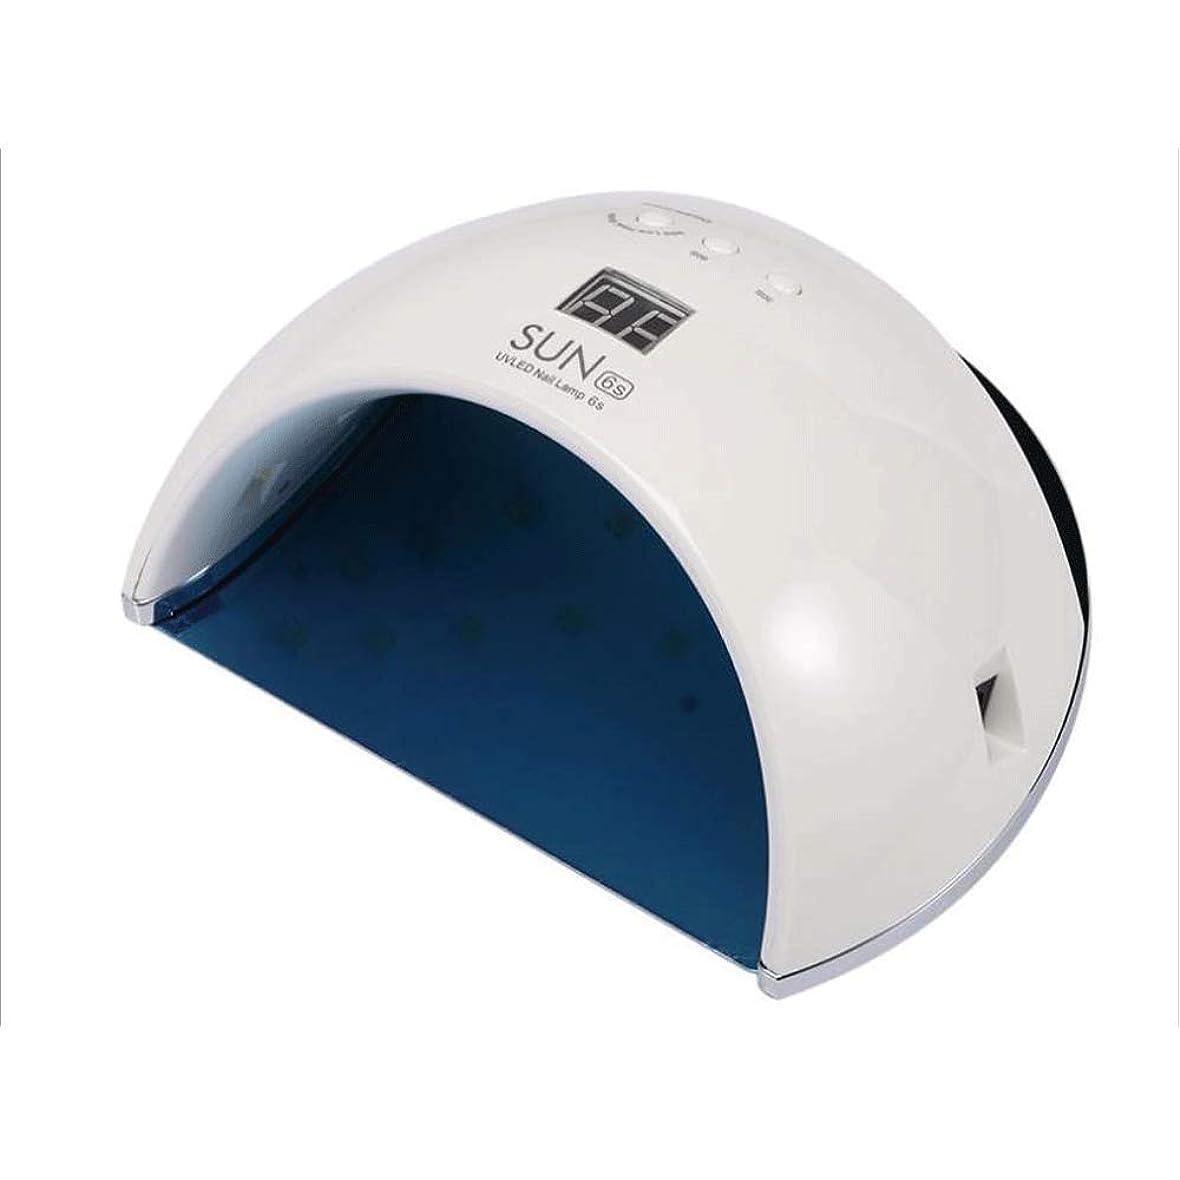 聖書ピケベスビオ山ネイル光線療法機 ネイルドライヤー - LEDネイルライトUVゲルネイルドライヤー自動センサー硬化ライトジェル研磨用 (色 : 白)